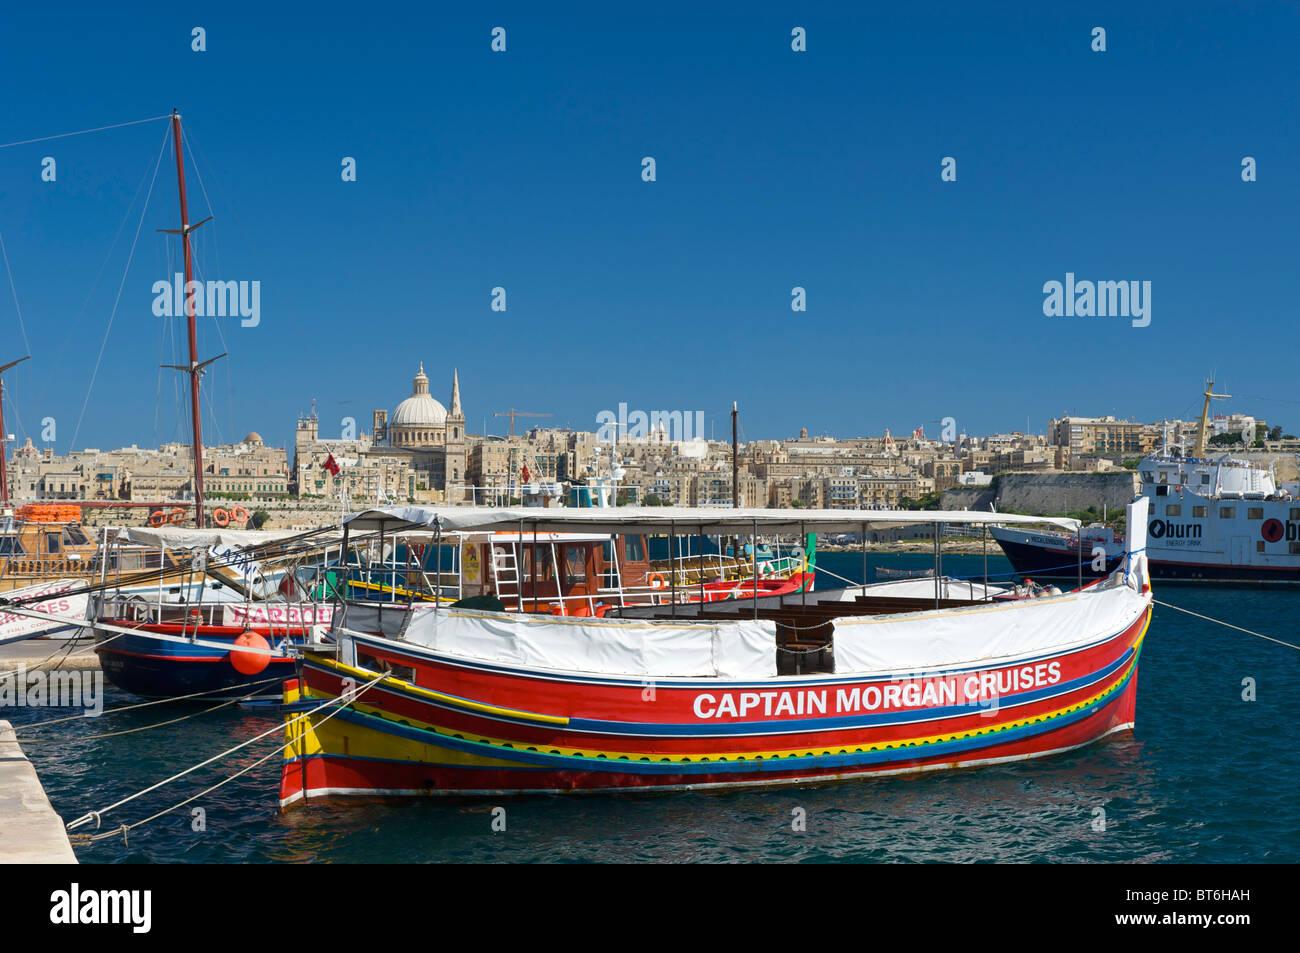 Touristic boats in Sliema, Valletta, Malta - Stock Image